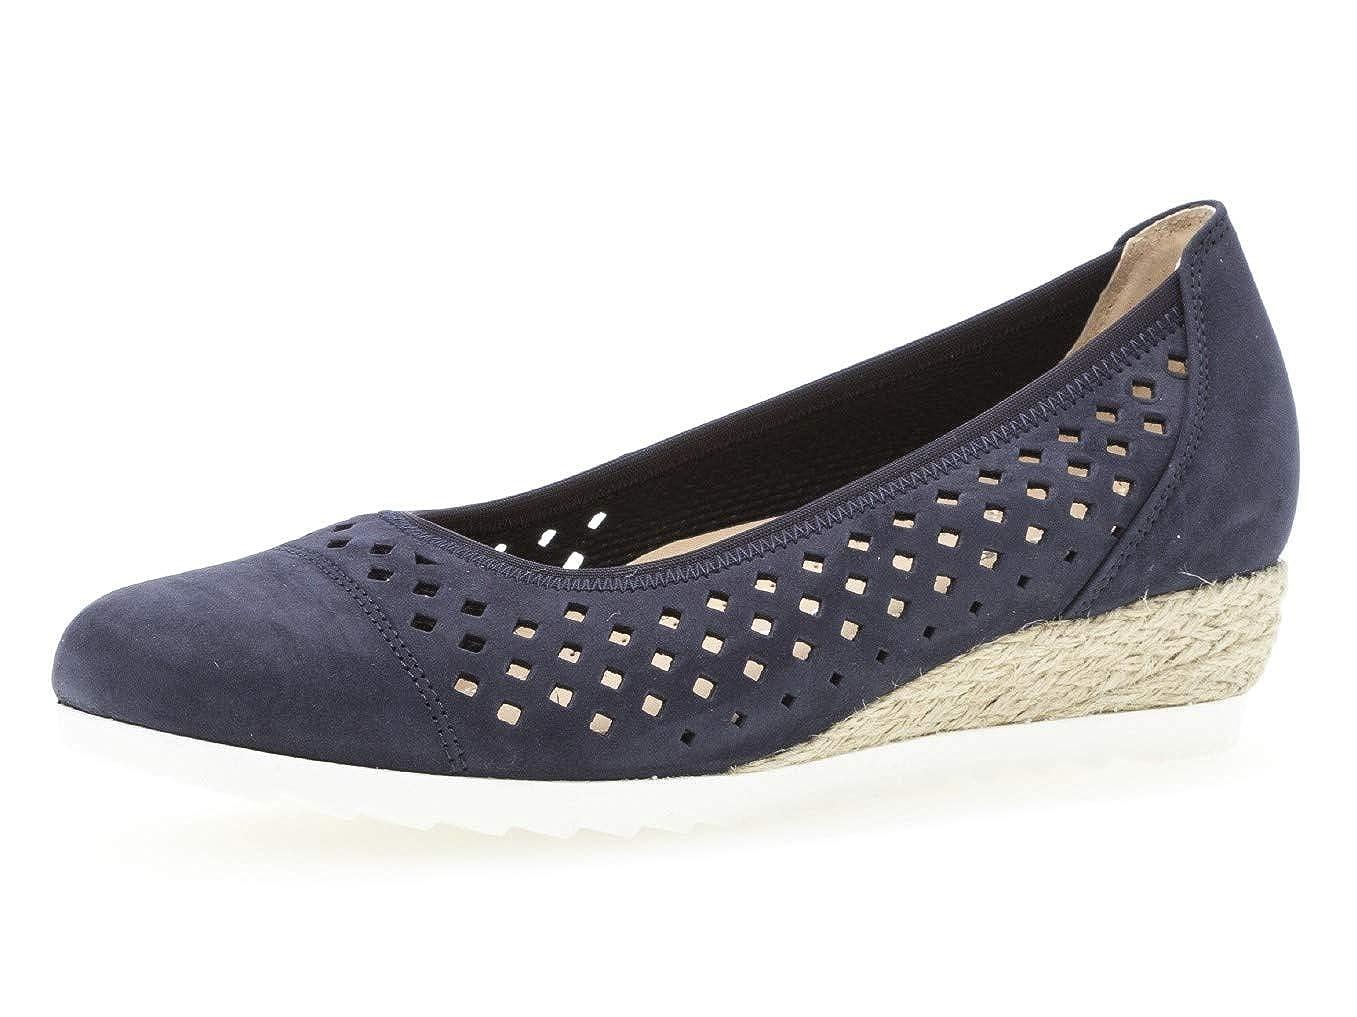 Gabor 22.642 Femme,Ballerines Classiques,Chaussures d/ét/é,classiquement /él/égant